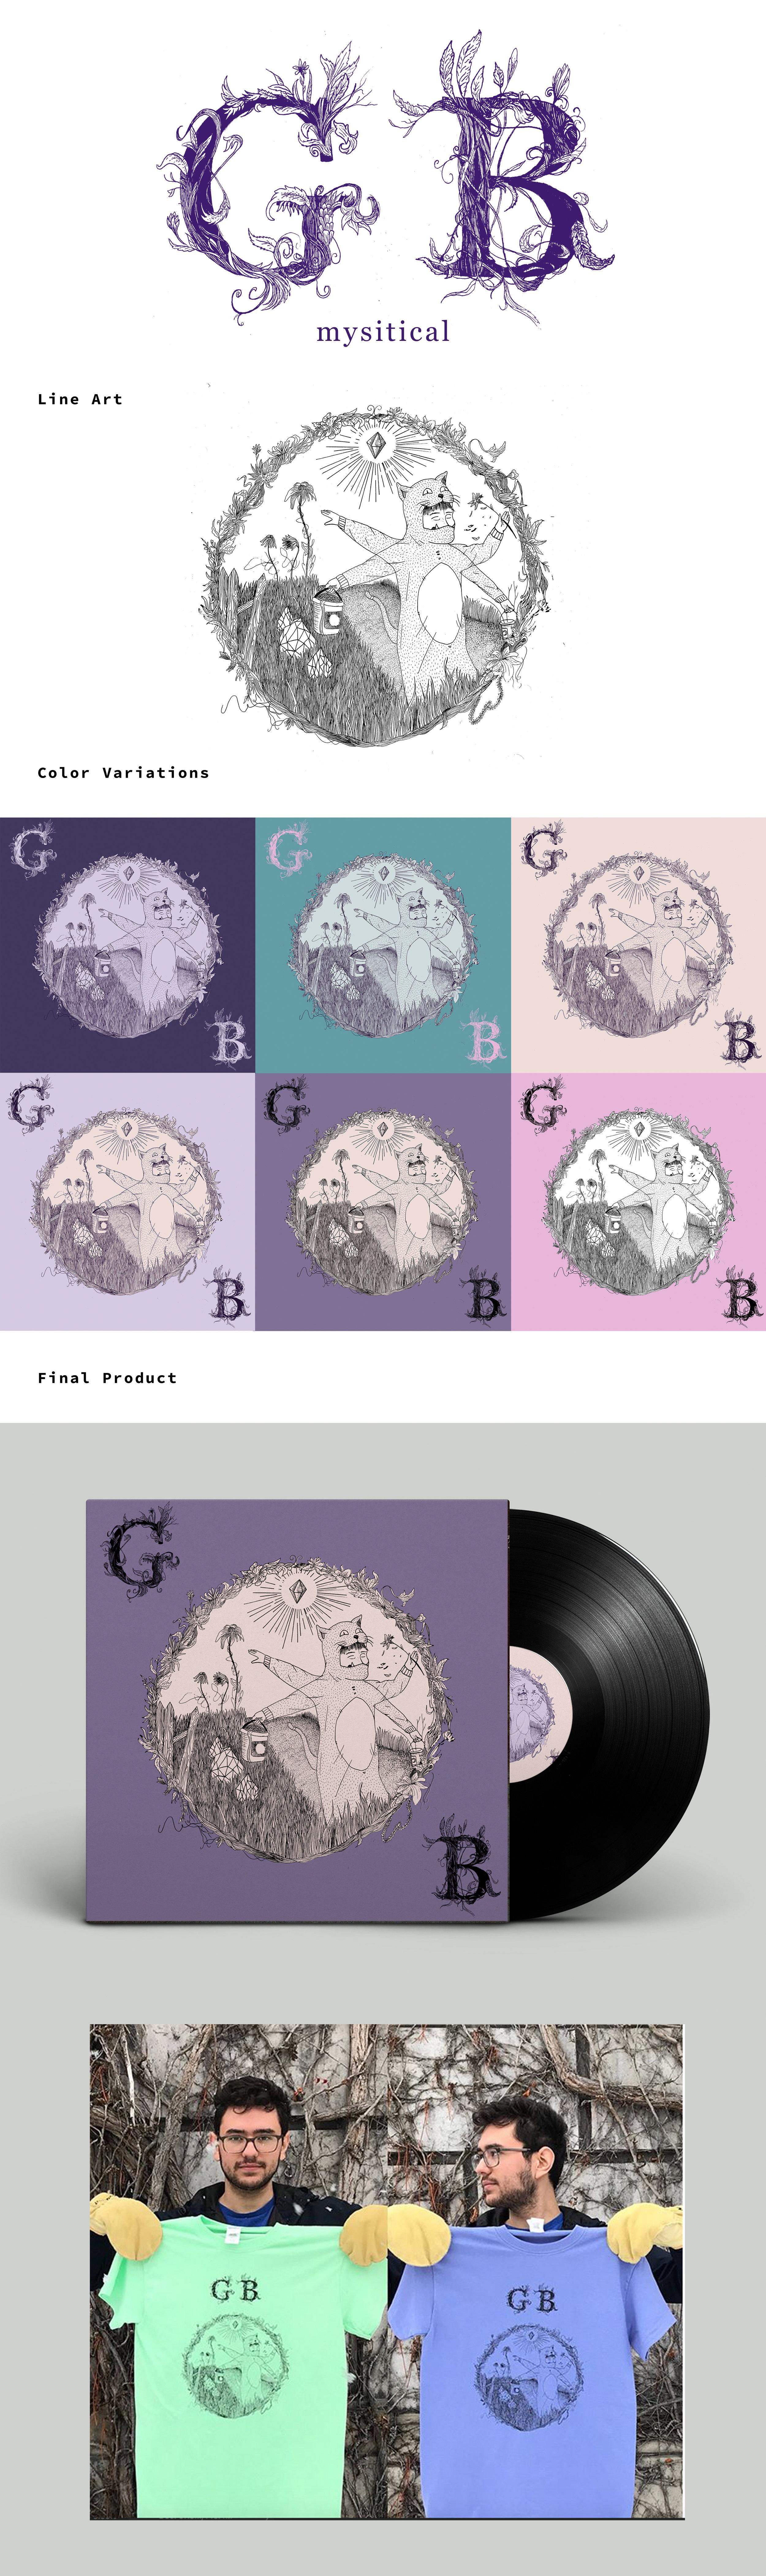 GBMystical - Mysti EP